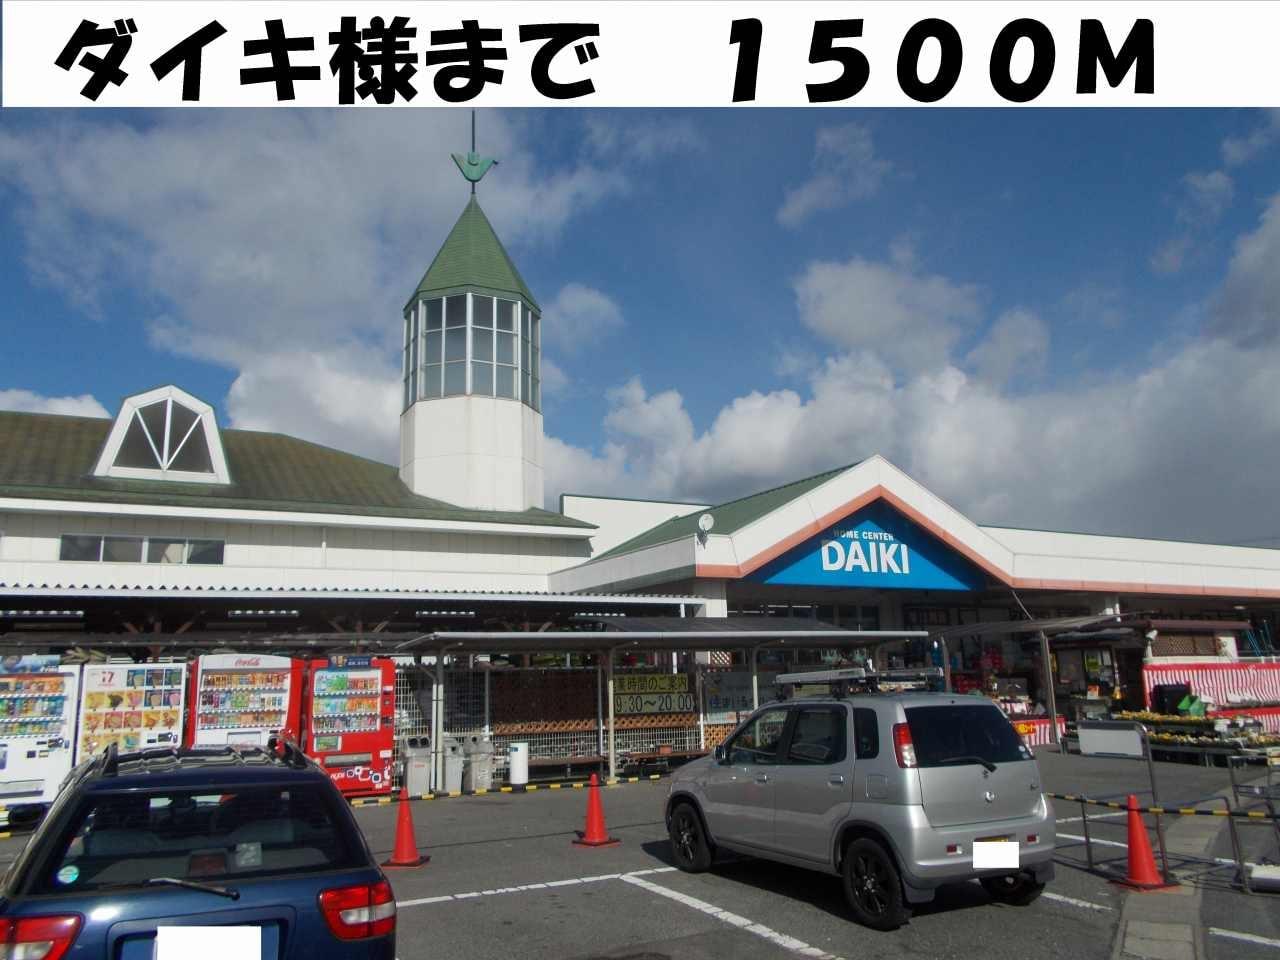 ダイキ(電気量販店/ホームセンター)まで1500m